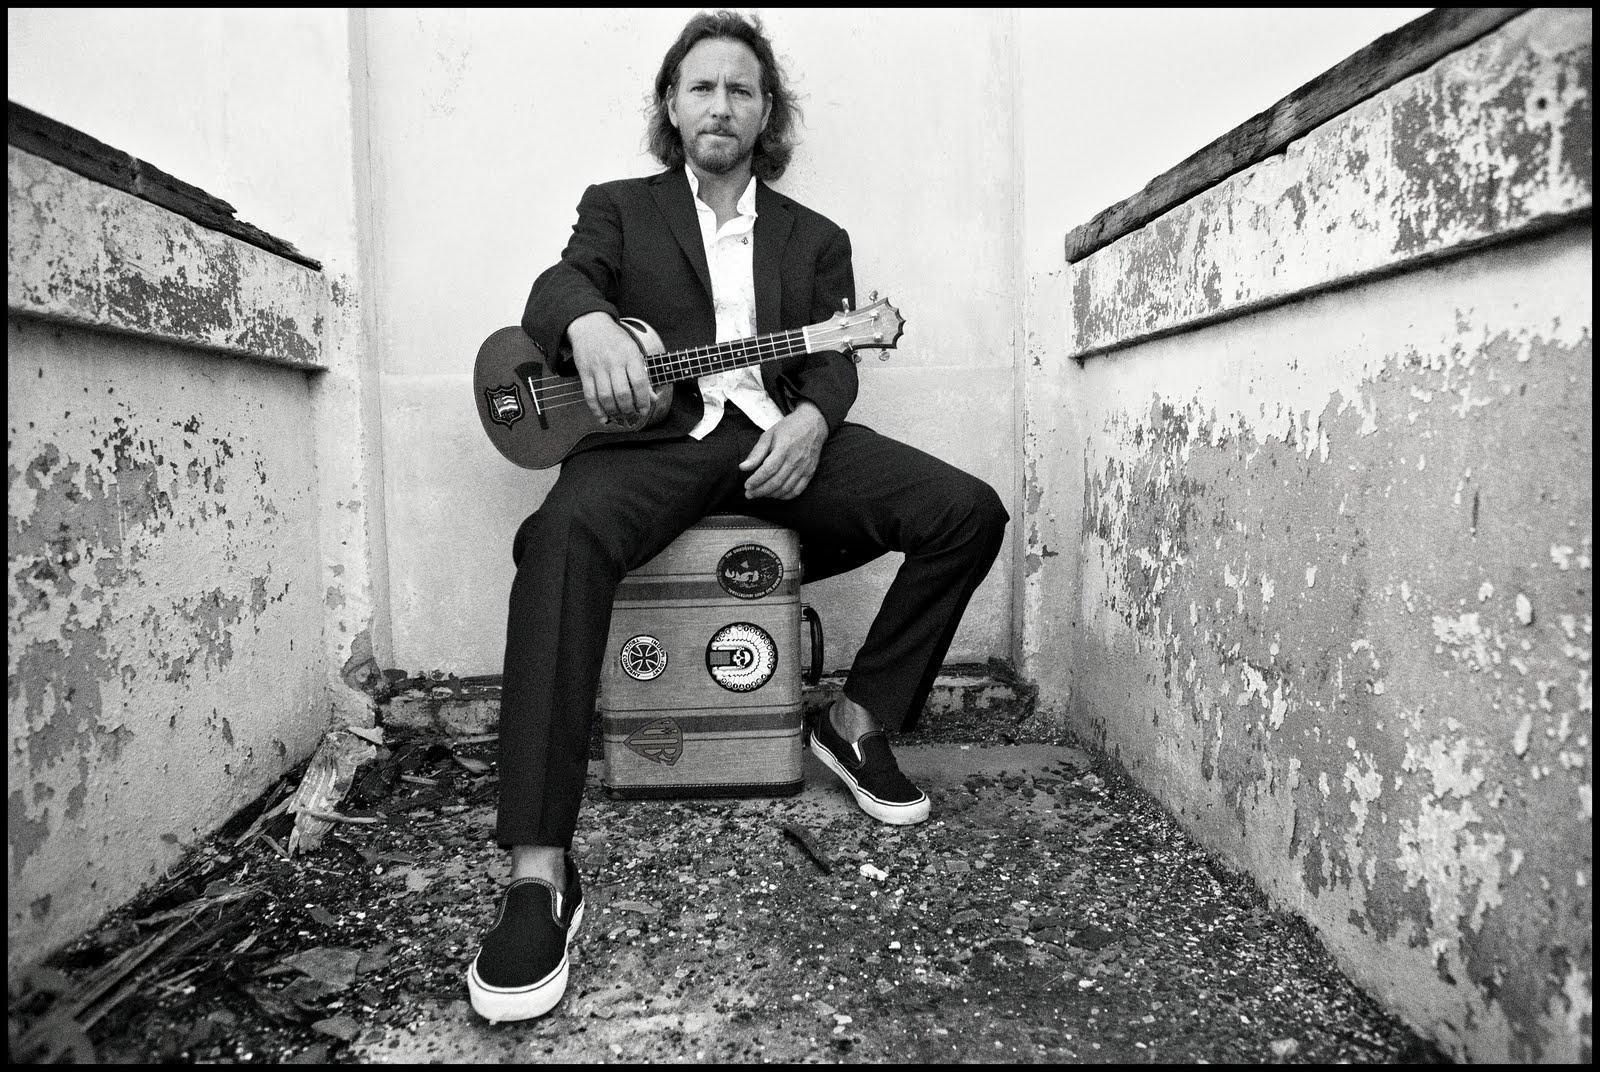 Eddie Vedder Wallpapers - Top Free Eddie Vedder Backgrounds -  WallpaperAccess